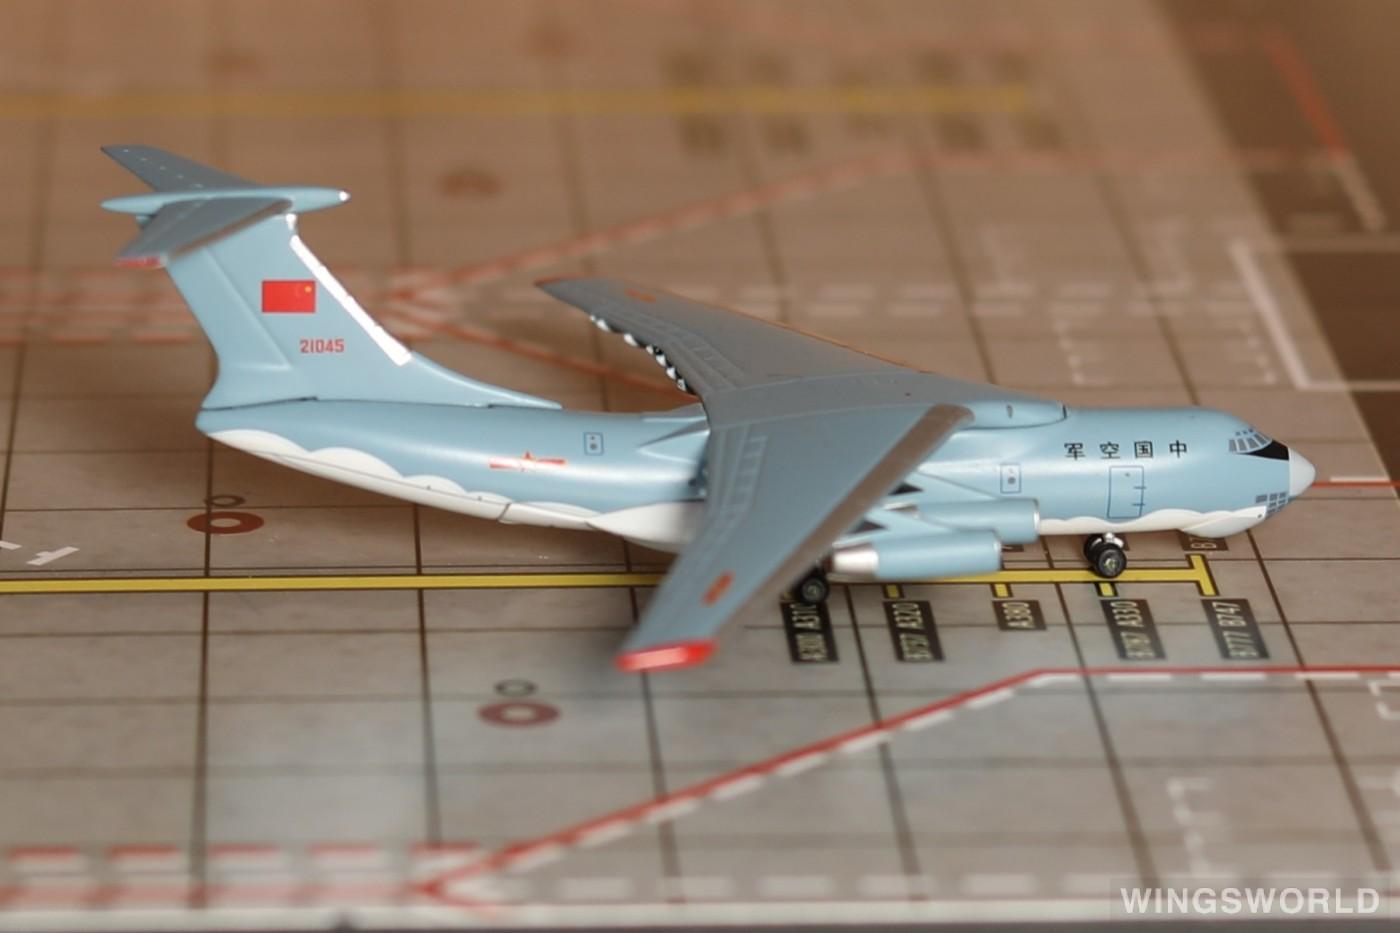 Witty 1:400 WT4I76014 PLAAF 中国空军 Ilyushin Il-76 21045